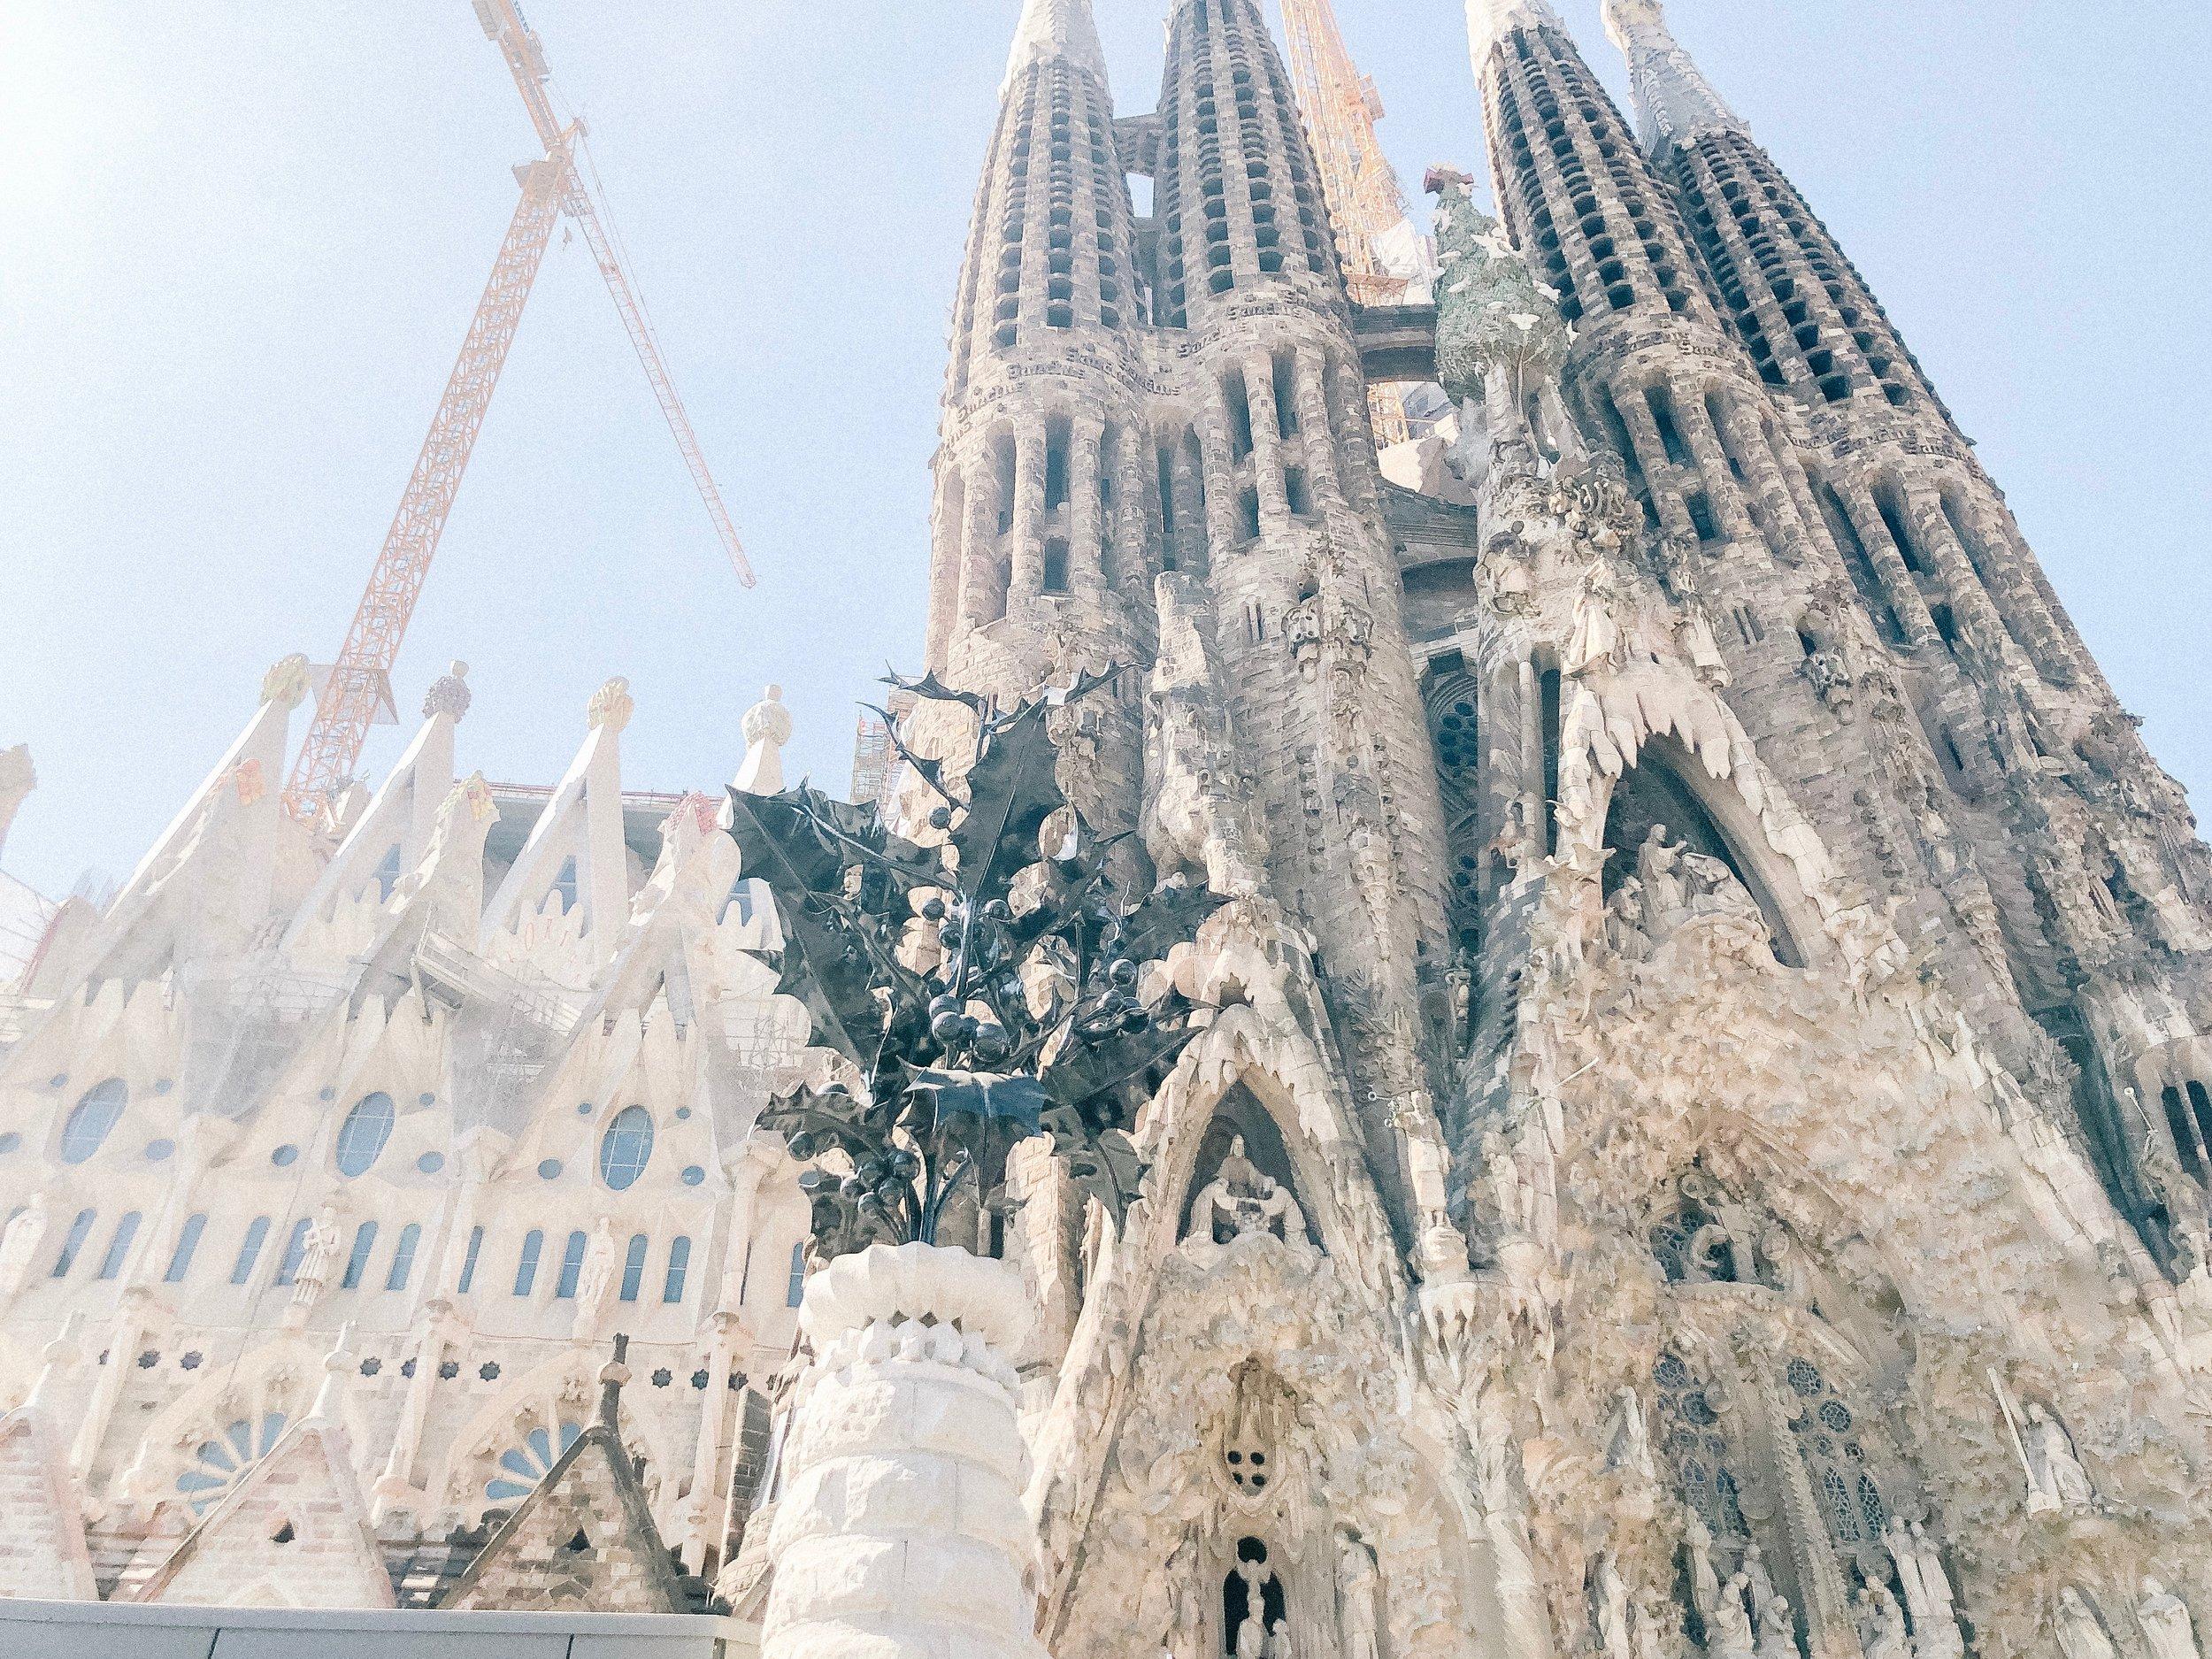 barcelona_la_sagrada_familia_2.jpg